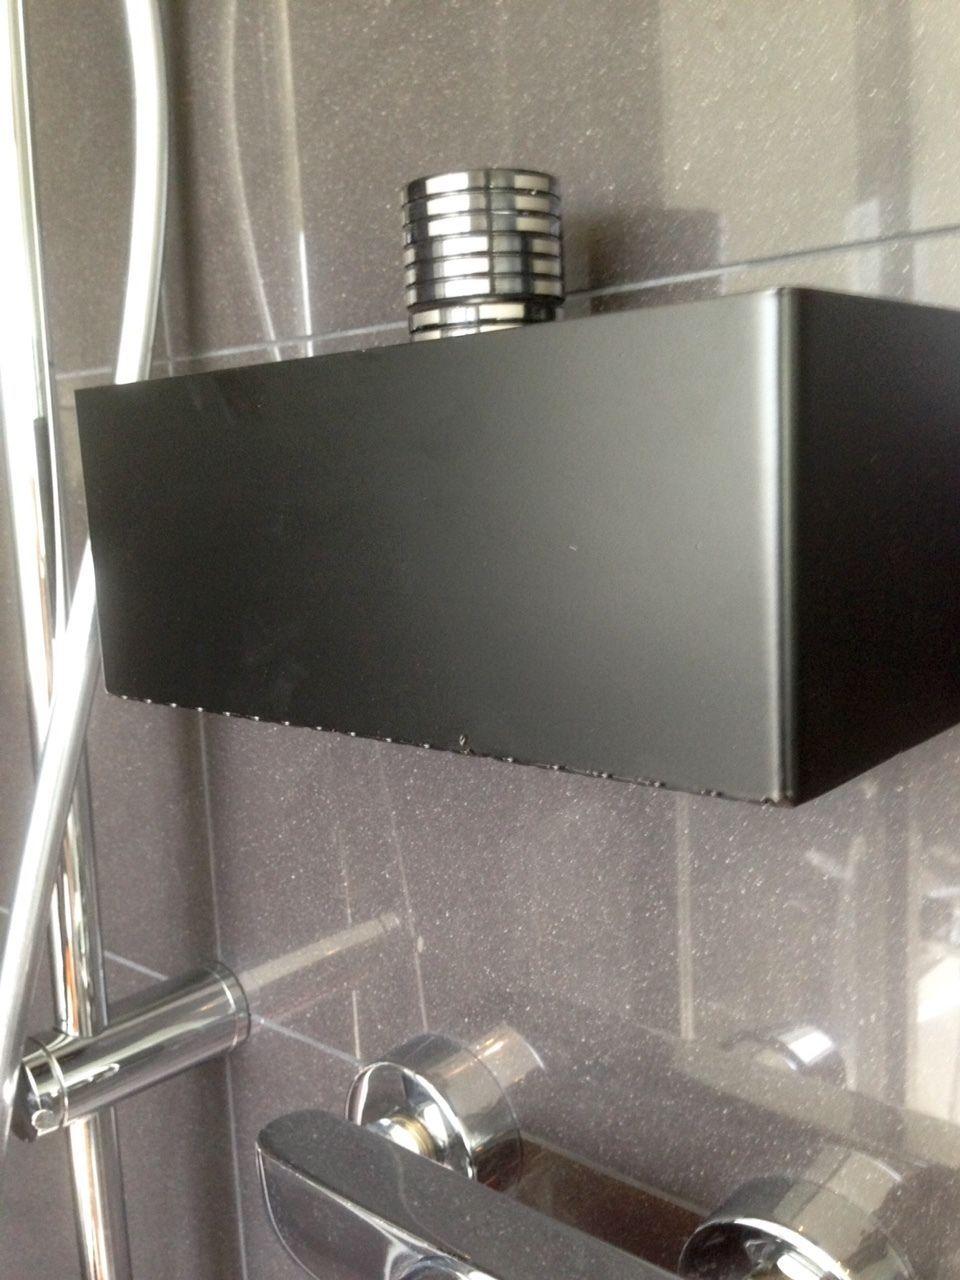 Dusche Bad Wc Ablage Duschregal Seifen Shampoo Regal Ohne Bohren Schwarz Masiv Duschregal Regal Ohne Bohren Ablage Dusche